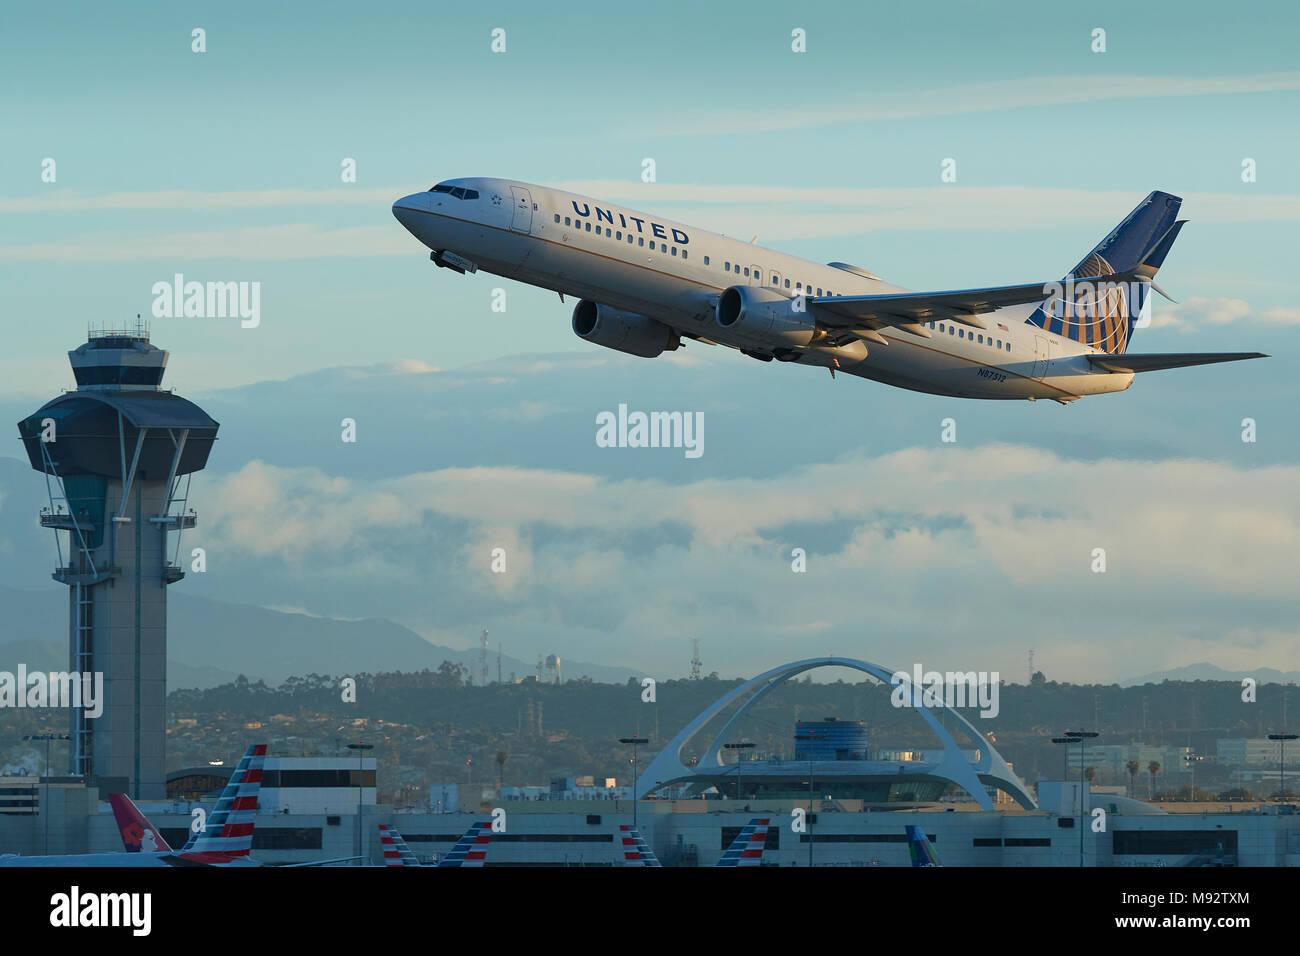 United Airlines Boeing 737-900 avión jet despegando desde el Aeropuerto Internacional de Los Angeles, LAX. El tema de la Torre de Control y edificio detrás. Foto de stock